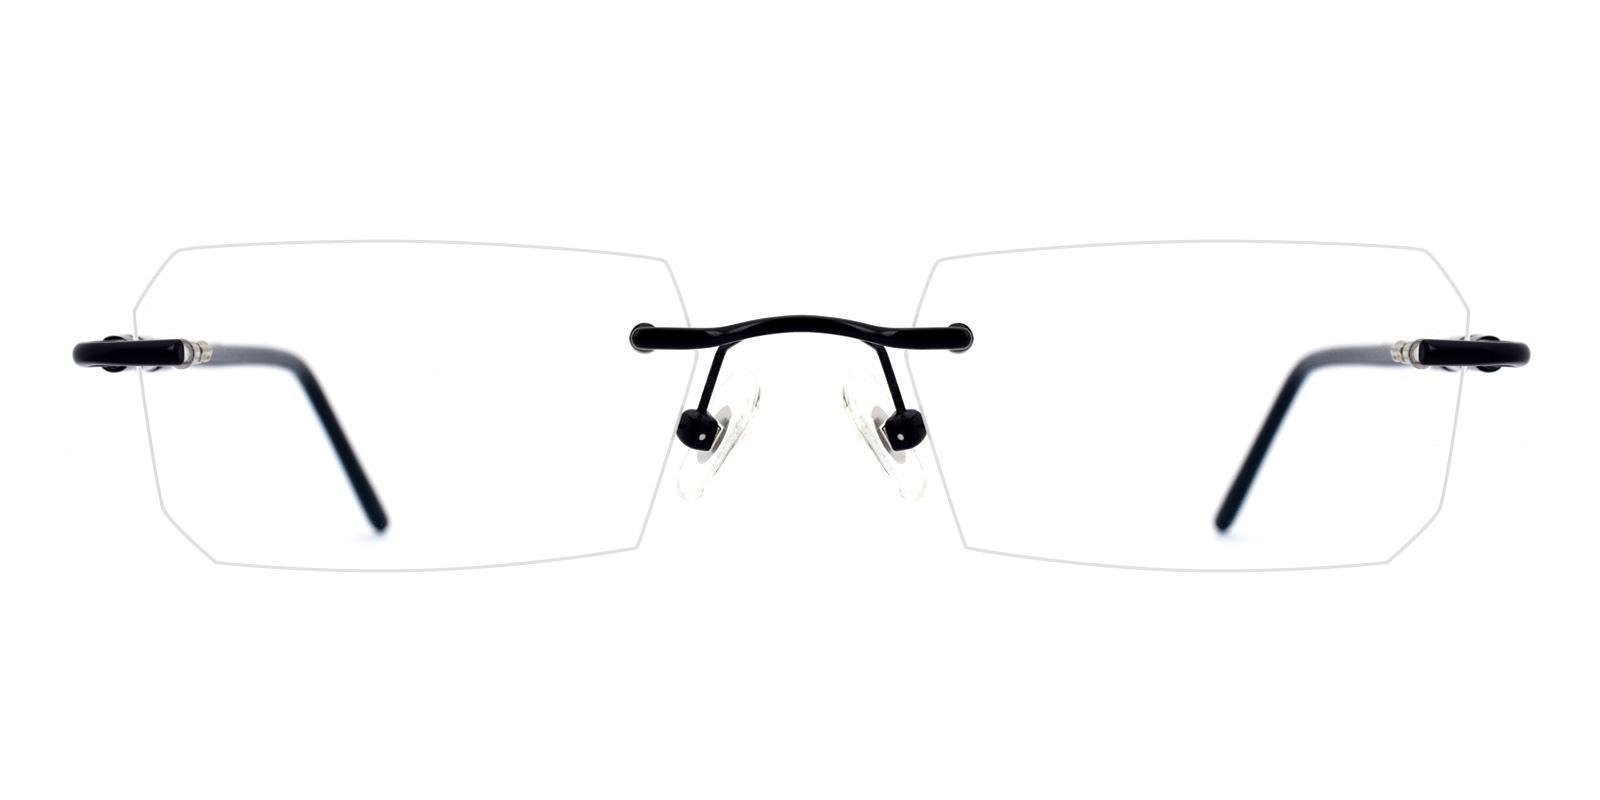 Thomas-Black-Varieties-Titanium-Eyeglasses-additional2